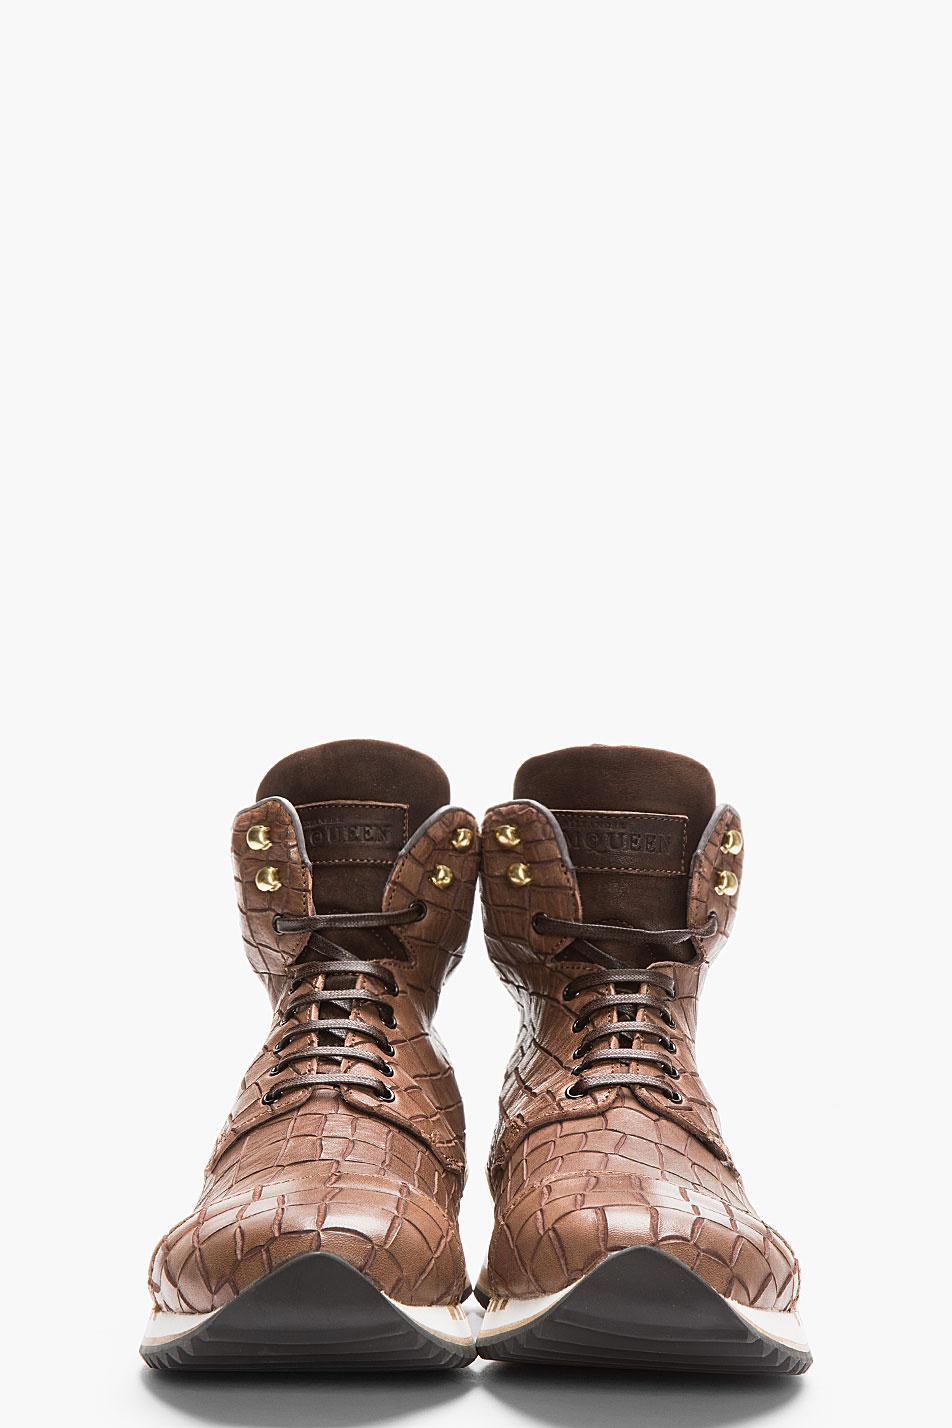 Croc-Embossed Hi-Top Sneakers Alexander McQueen style 2